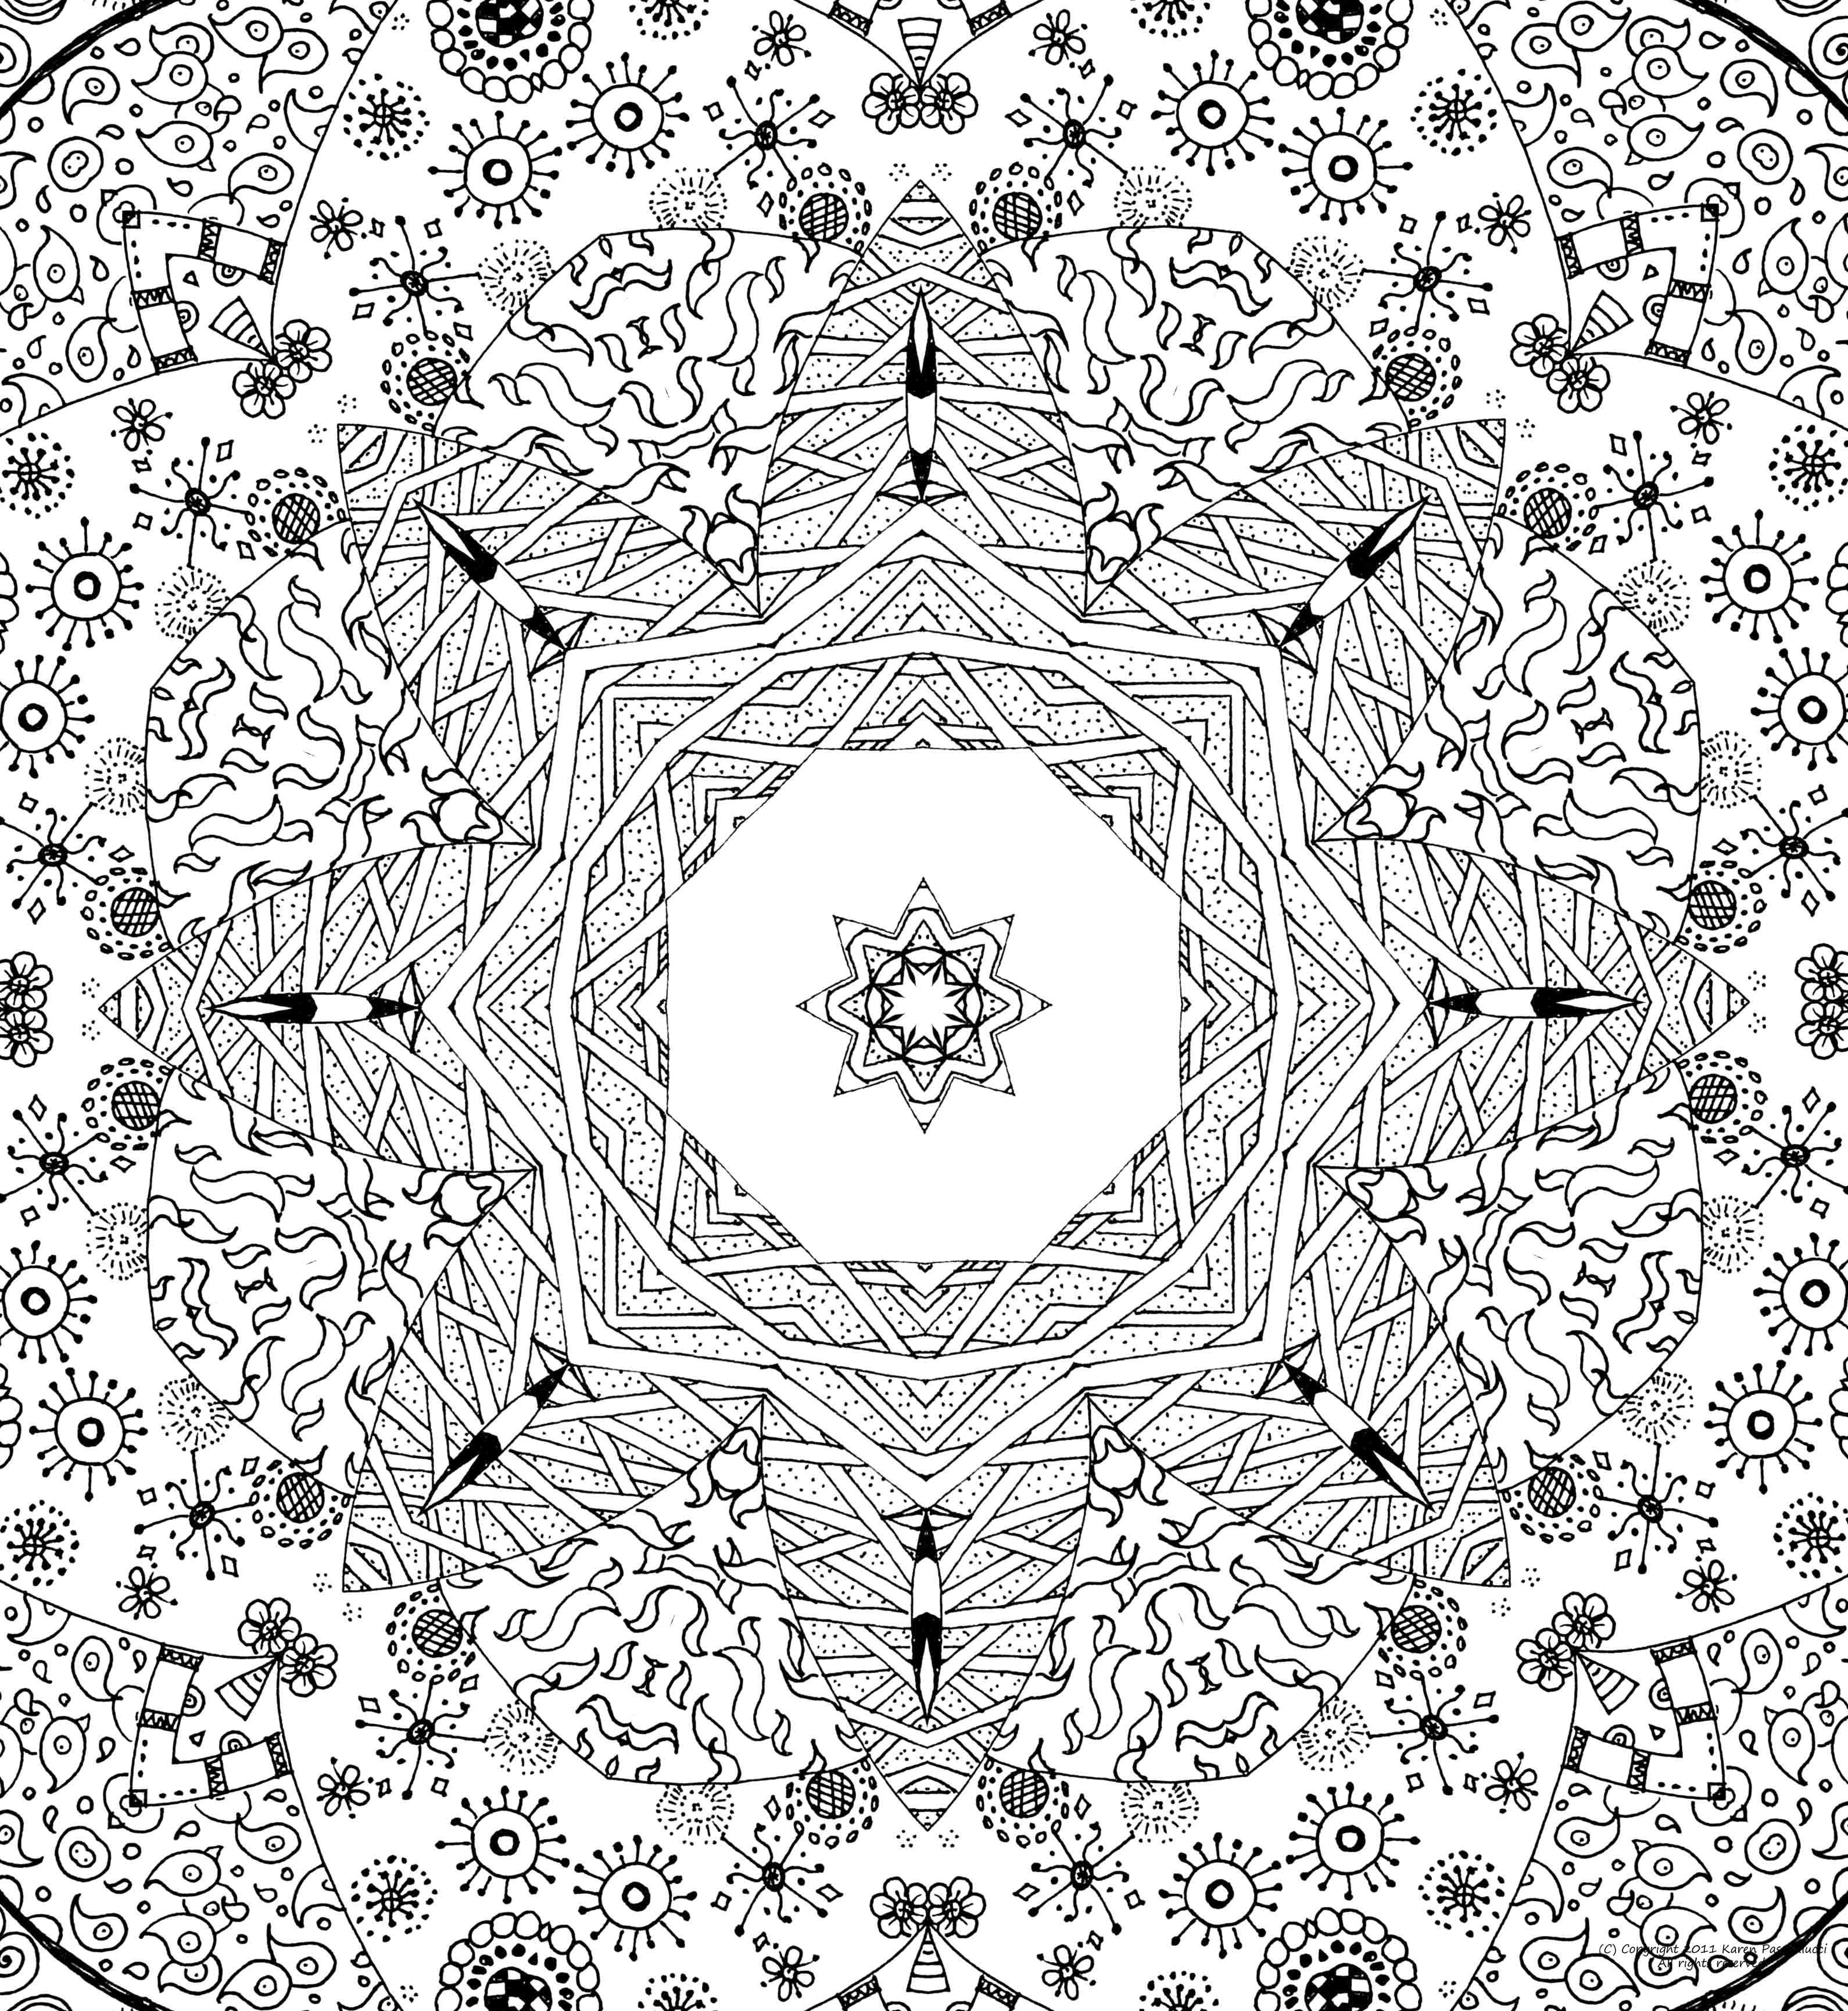 imagens para colorir em alta 5 - Mandalas para Colorir em Alta Qualidade